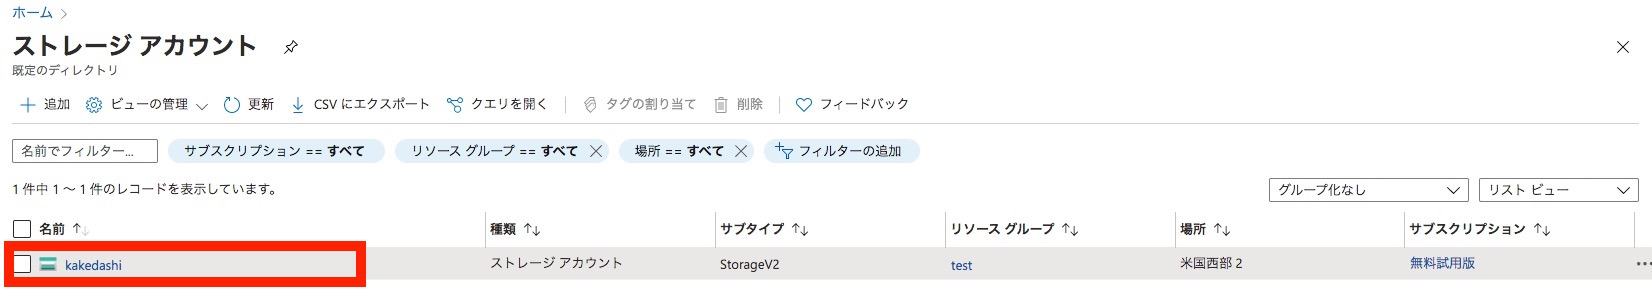 手順3:Azure BLOB Storage用のコンテナーを作成